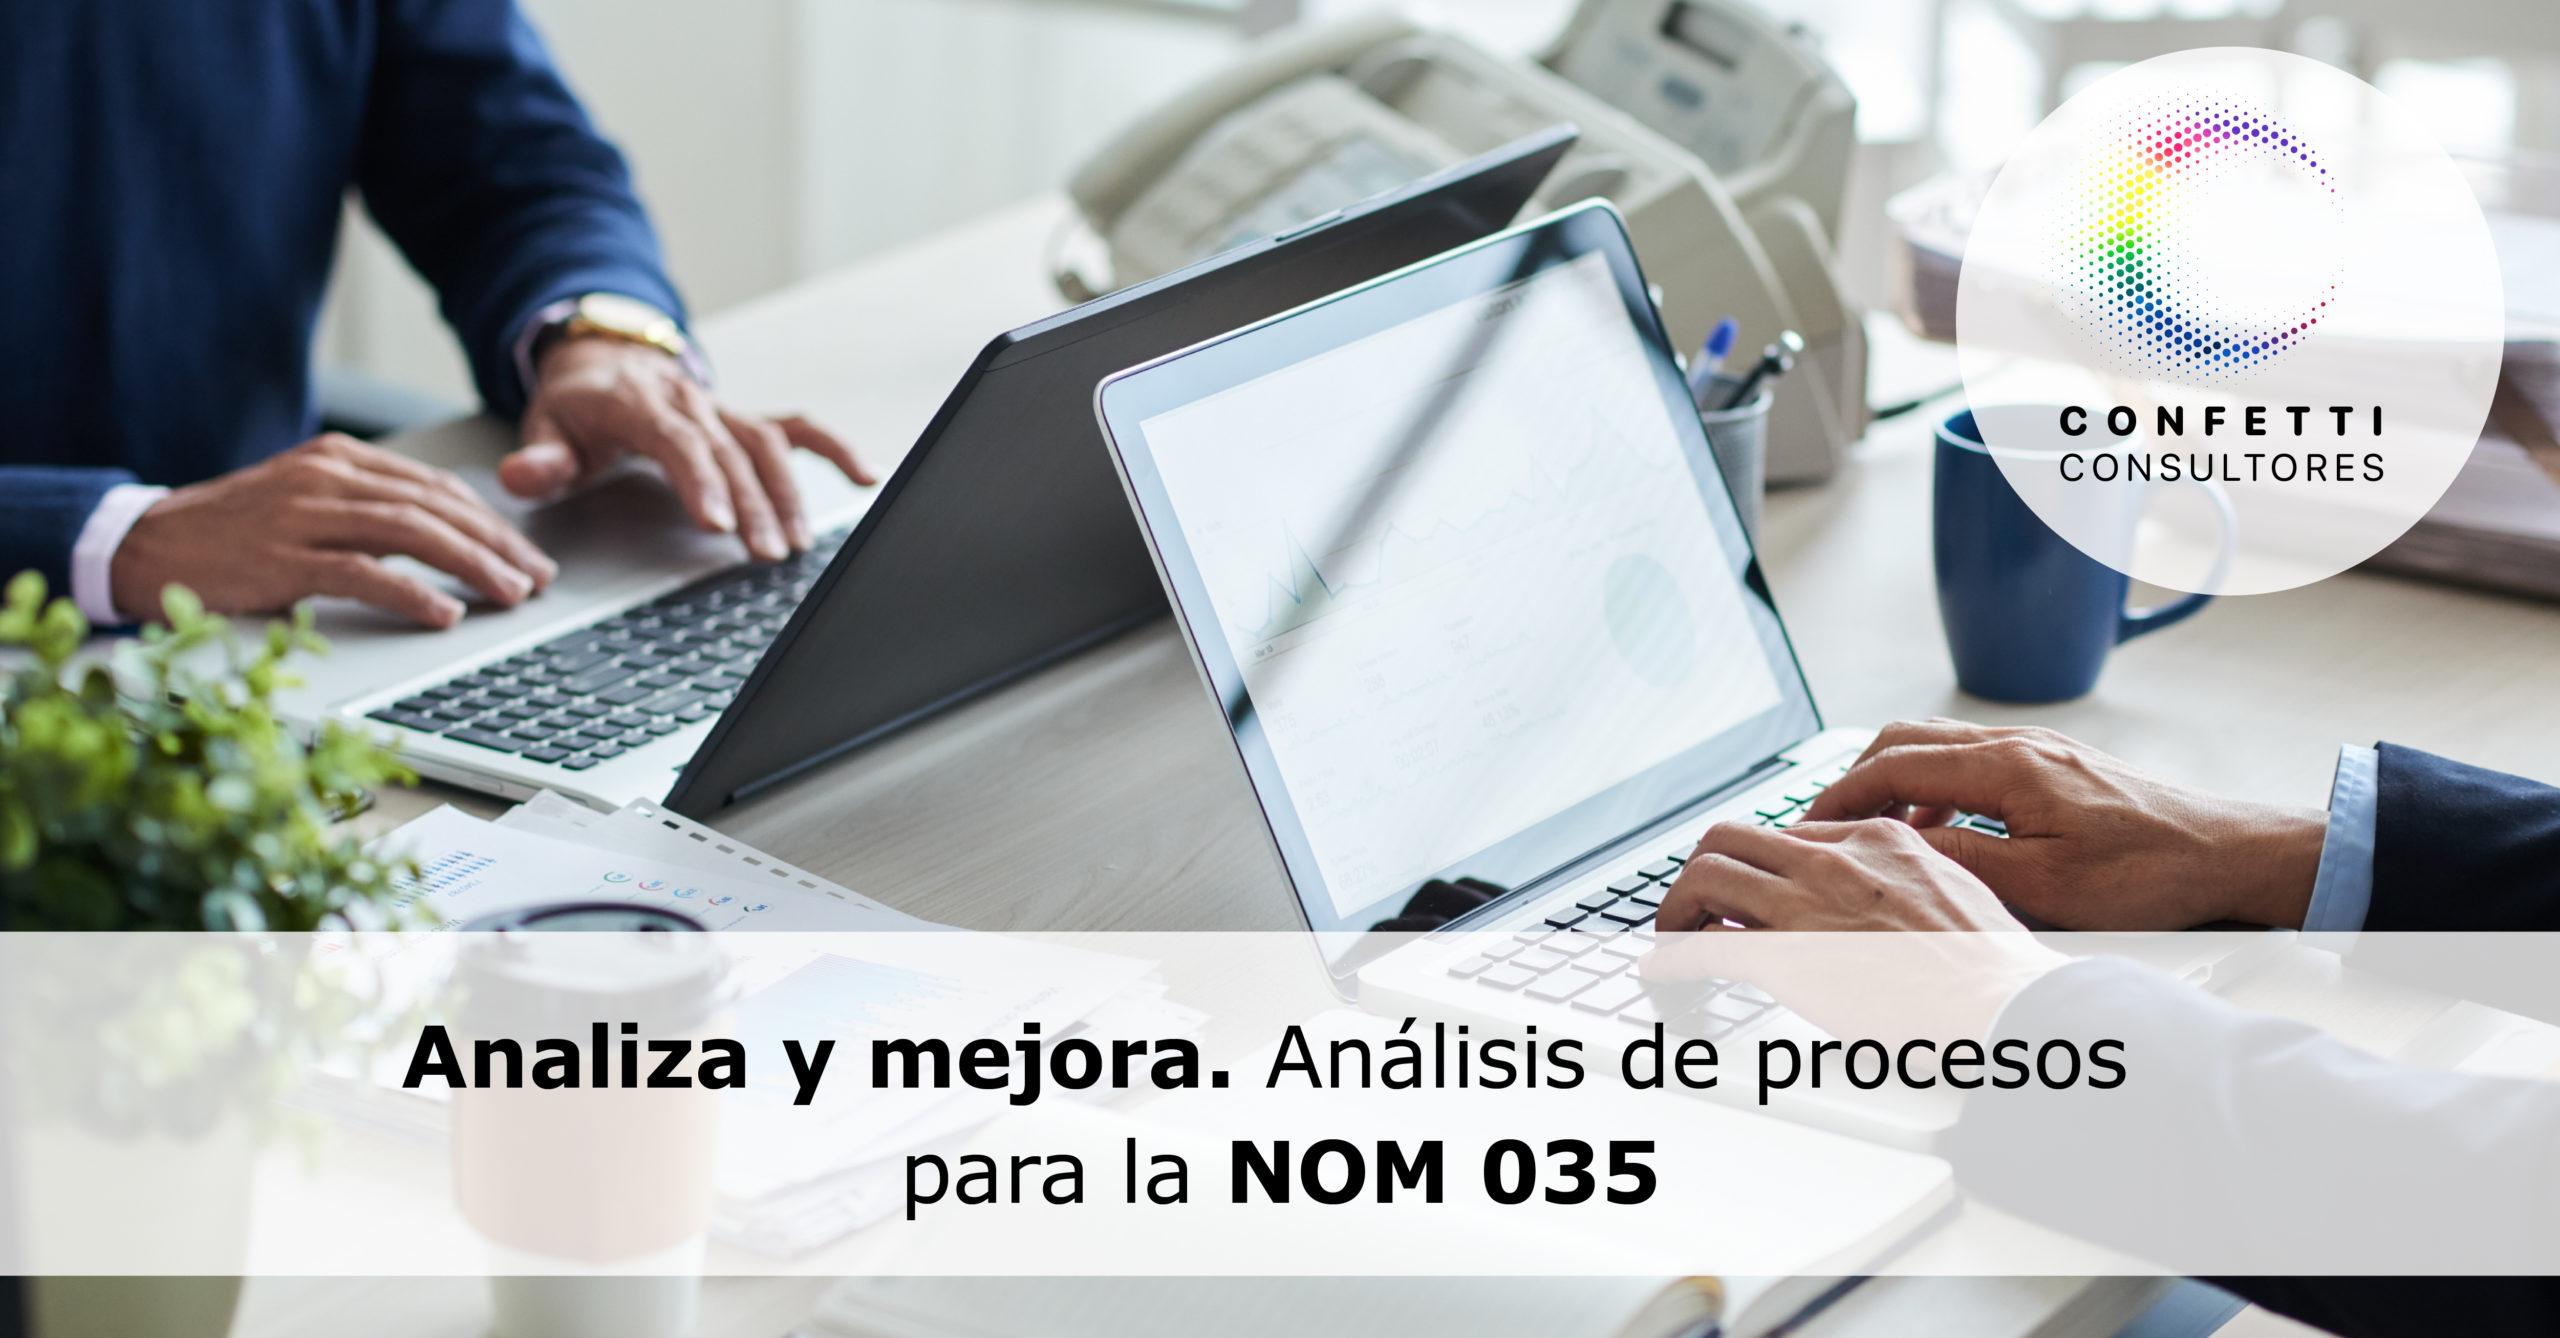 Análisis de procesos para la NOM 035